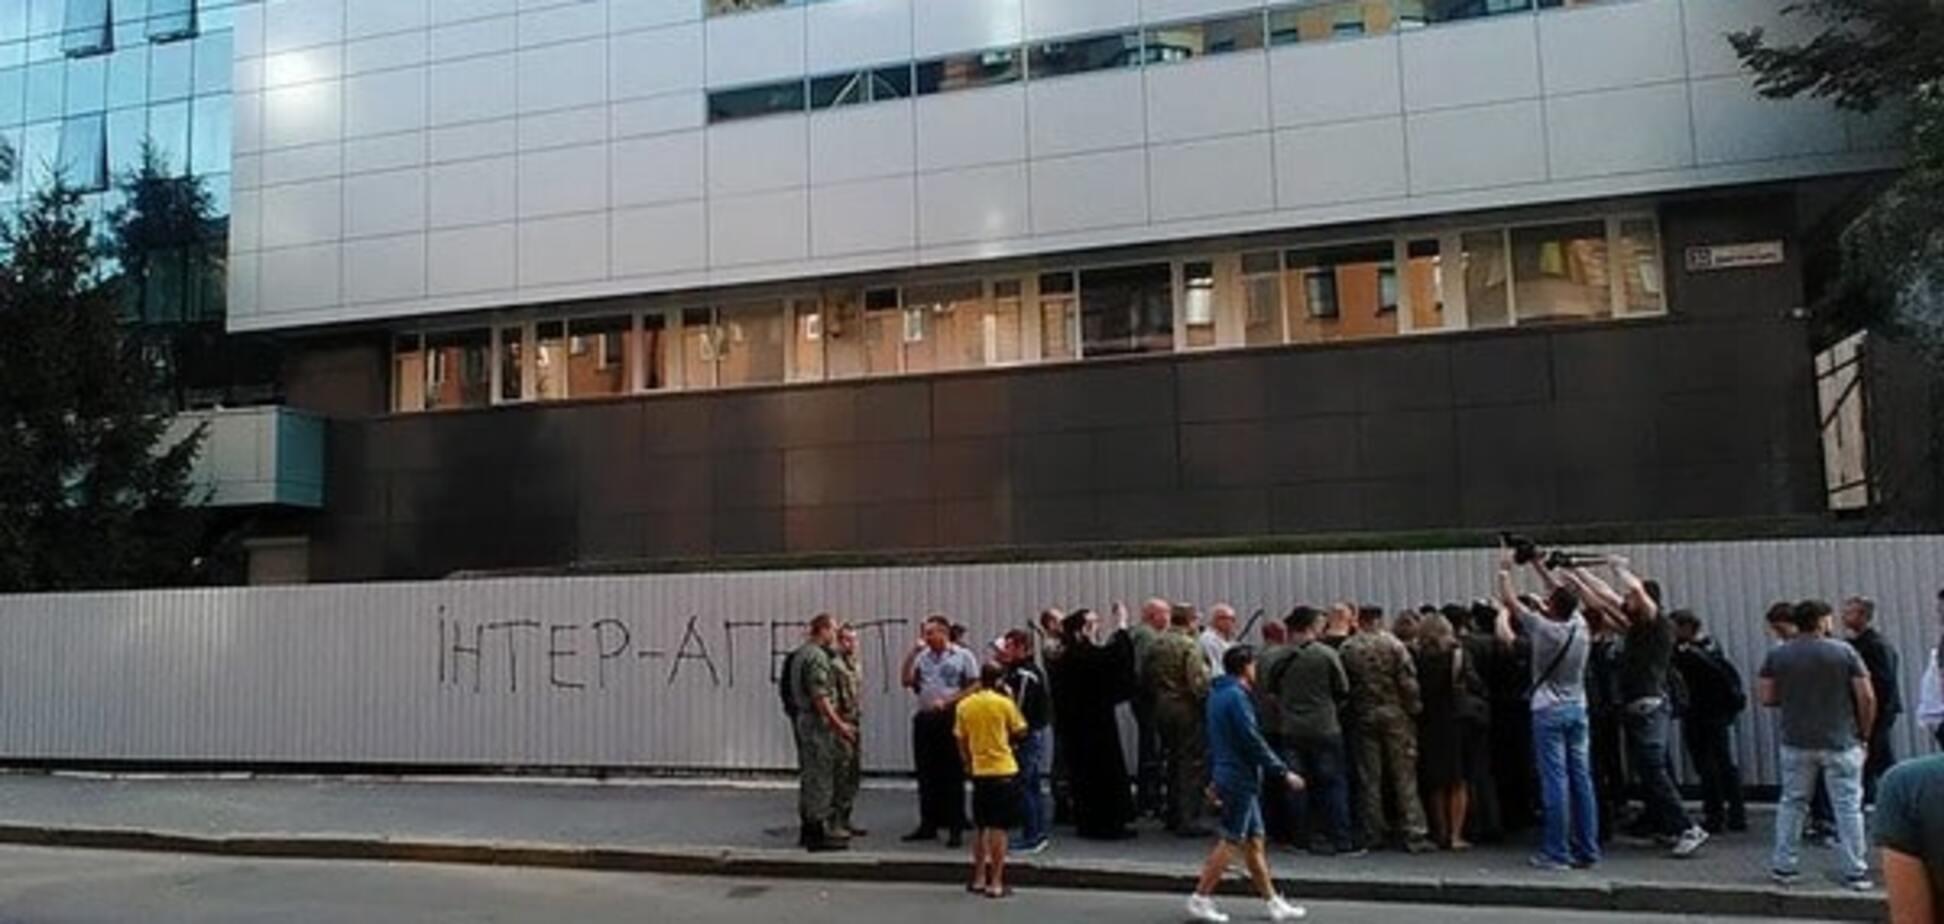 Підвезли шини: активісти встановлять блокпости біля офісу 'Інтера'